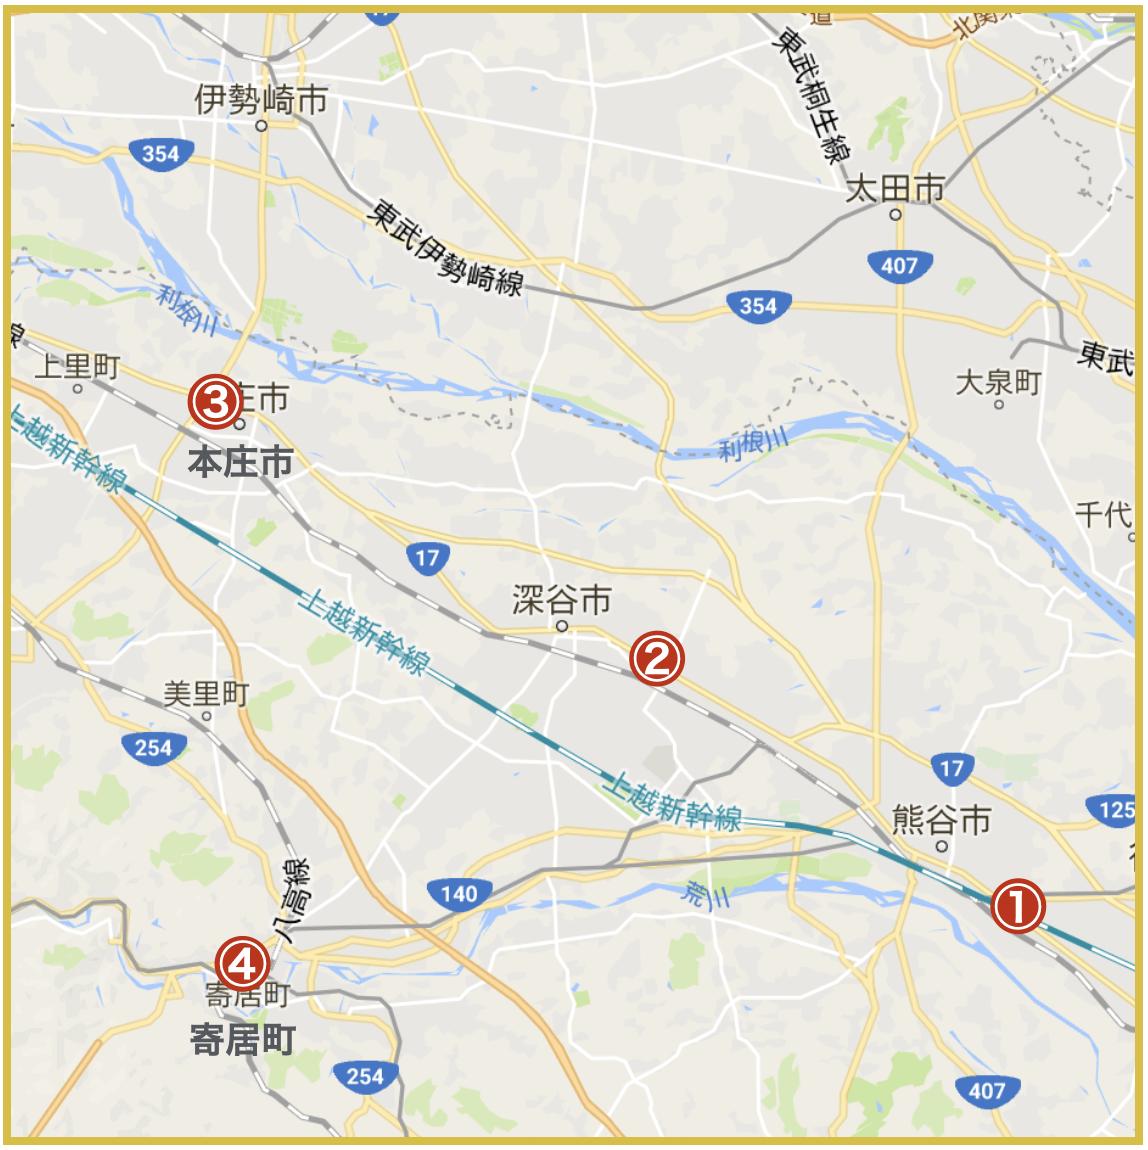 埼玉県北部地域にあるプロミス店舗・ATMの位置